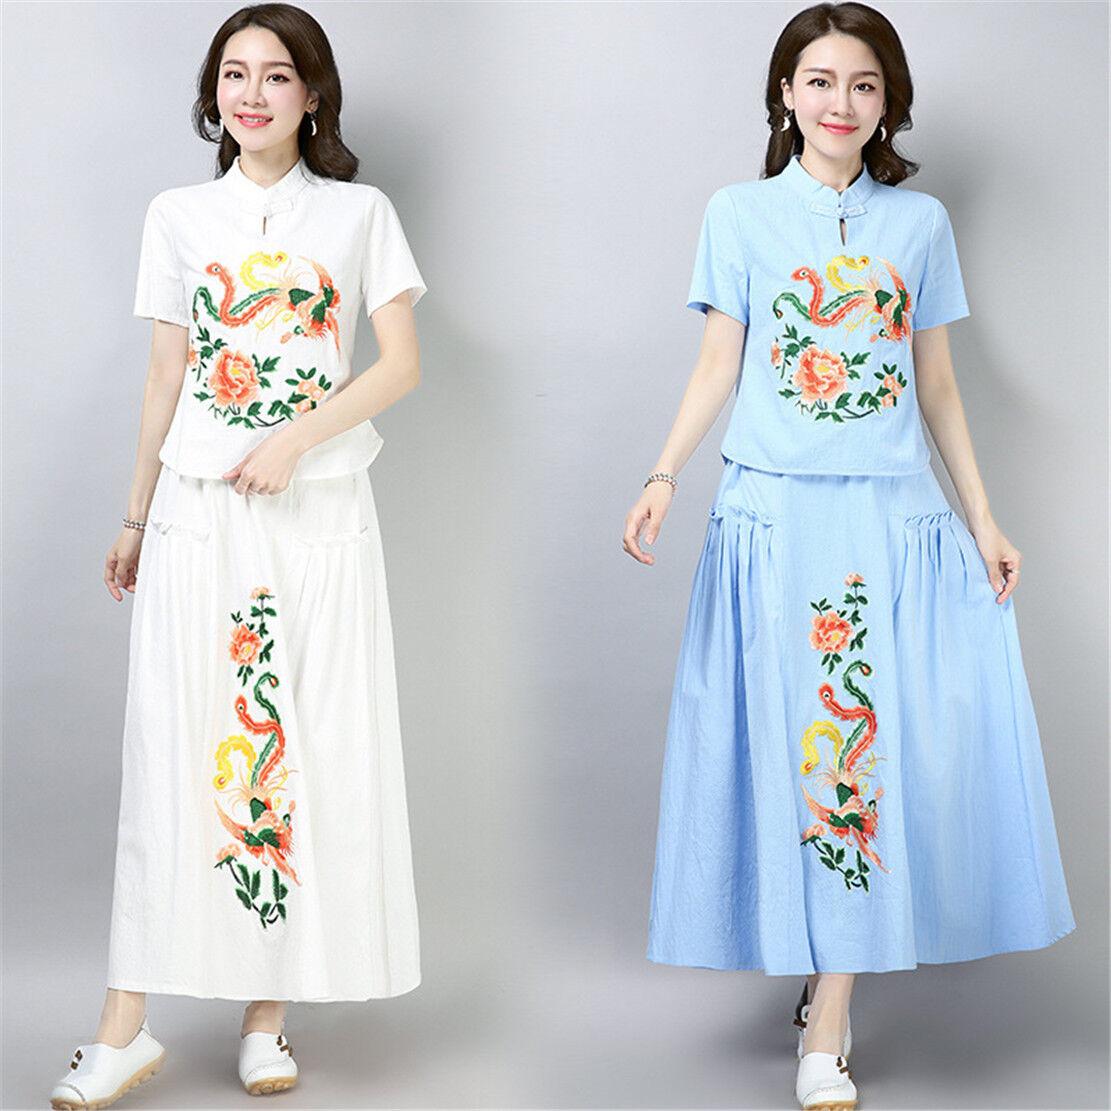 Phoenix Embroidery Linen Women's Loose Slim T-Shirt & Skirt Set Cheongsam M-XL